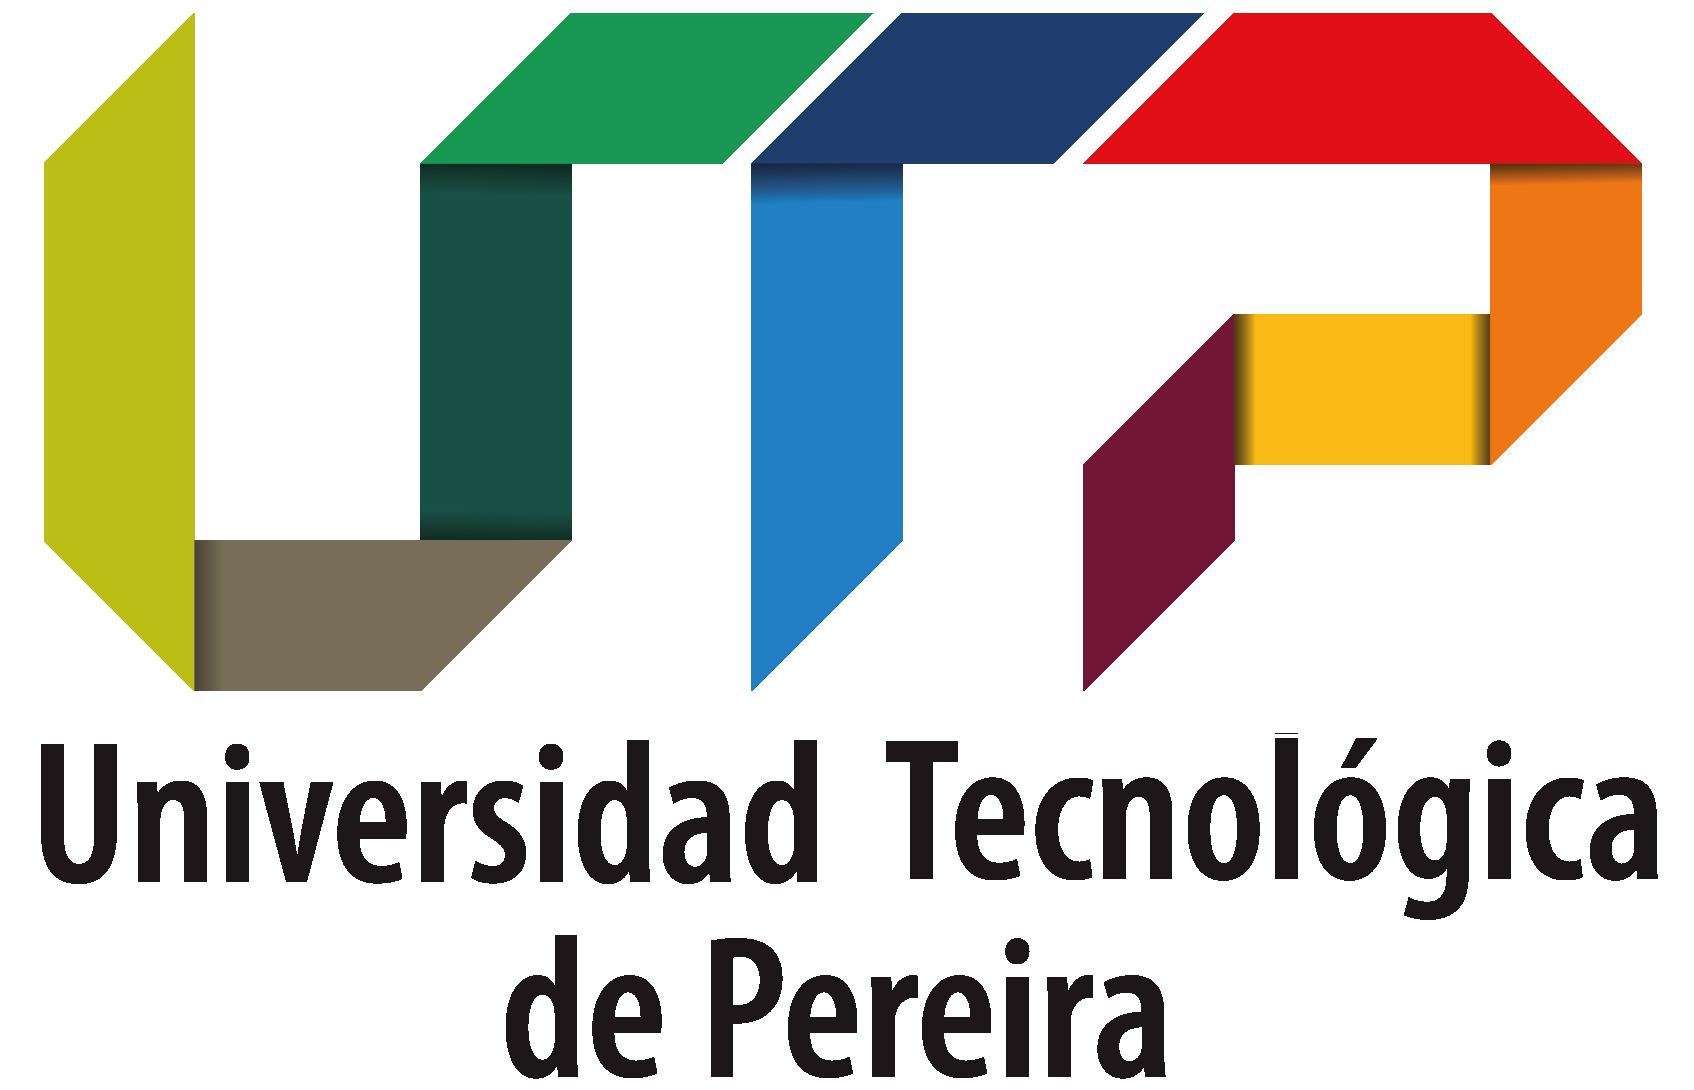 Logo Universidad Tecnológica de Pereira